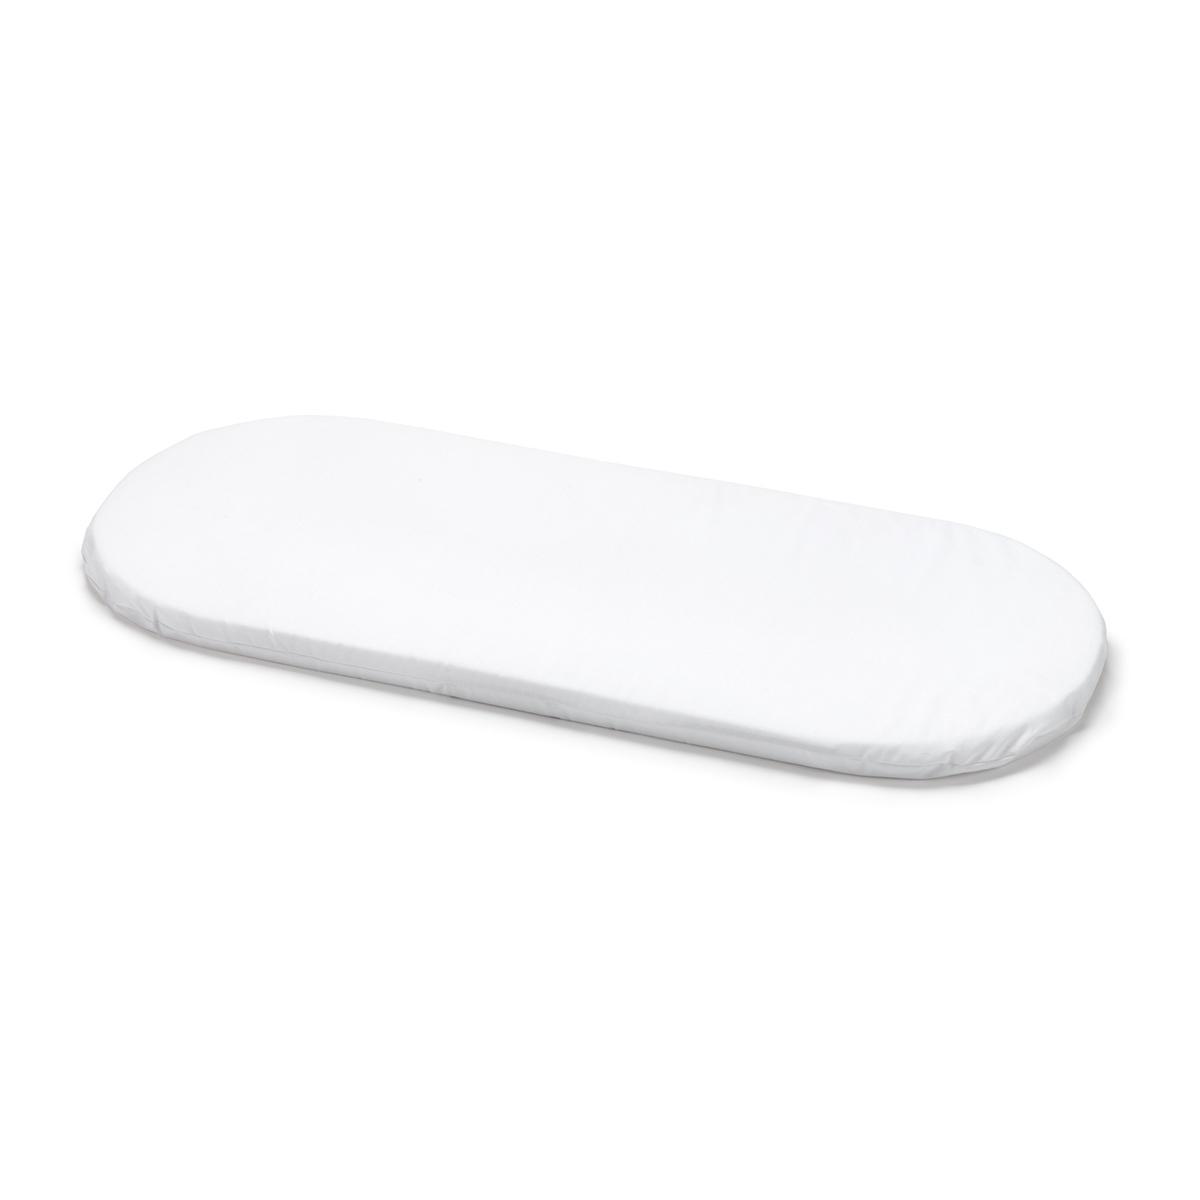 Cambrass Liso E - Colchoneta para capazo, 80 x 36 x 3 cm, color blanco: Amazon.es: Bebé